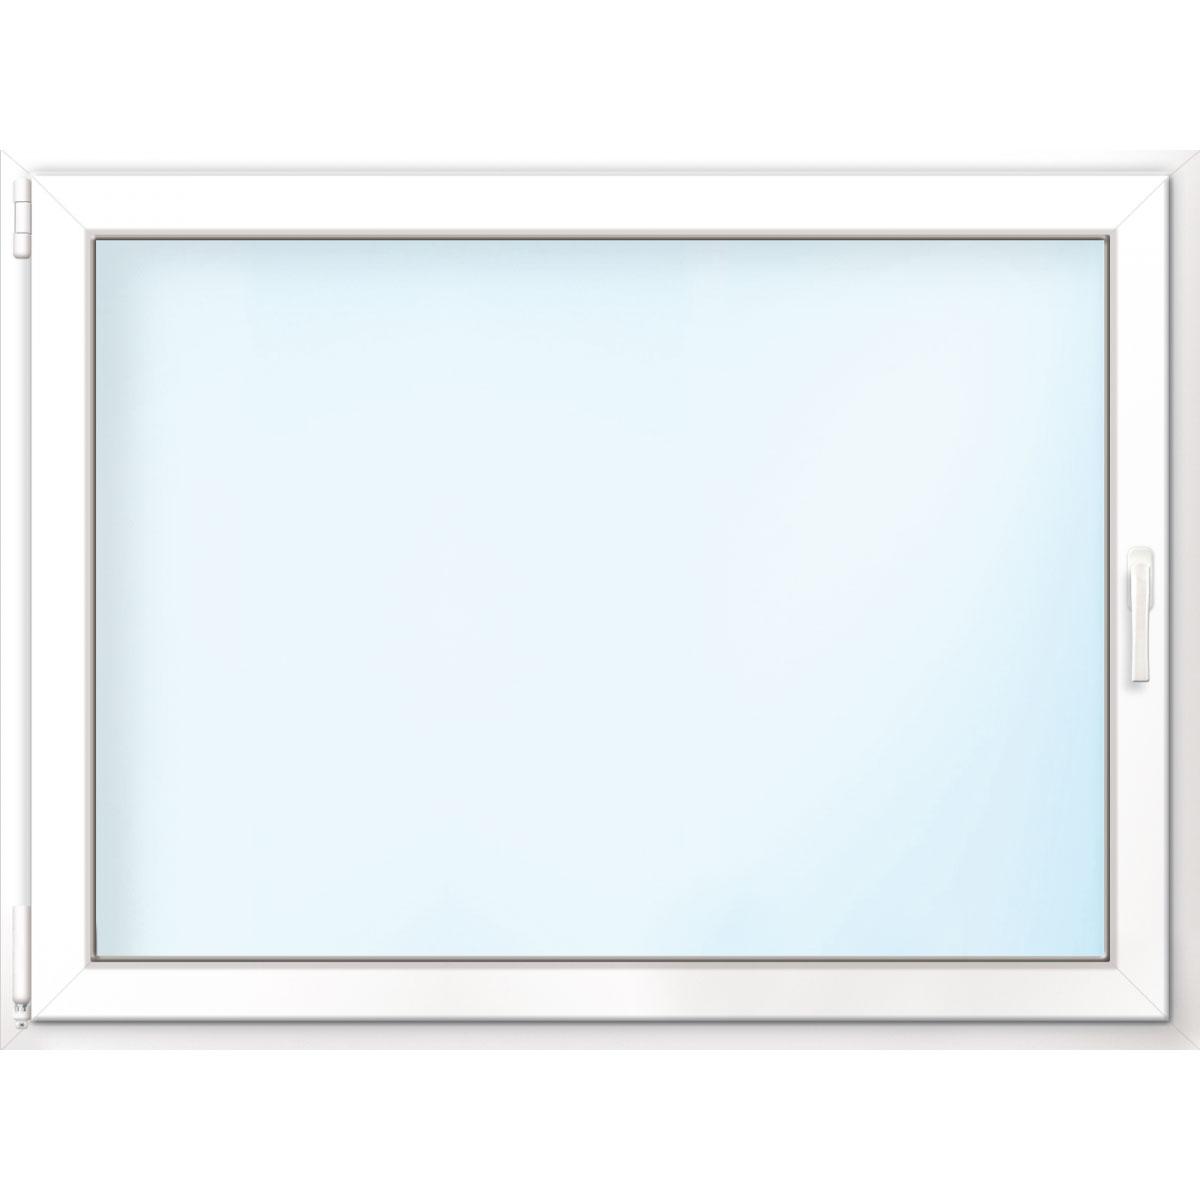 Fenster PVC 70/3 weiß/weiß Anschlag links 100x60 cm